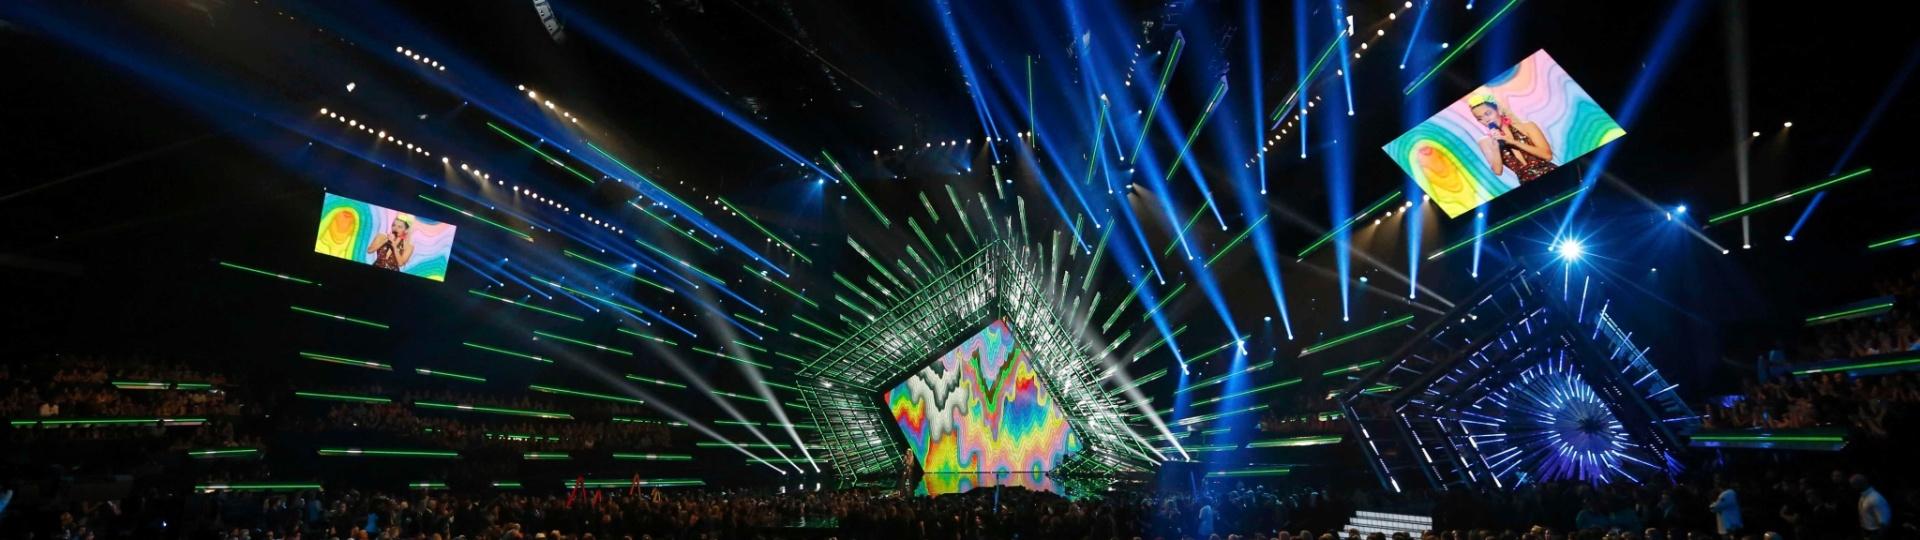 30.ago.2015 - Cenário do VMA 2015, em Los Angeles nos Estados Unidos